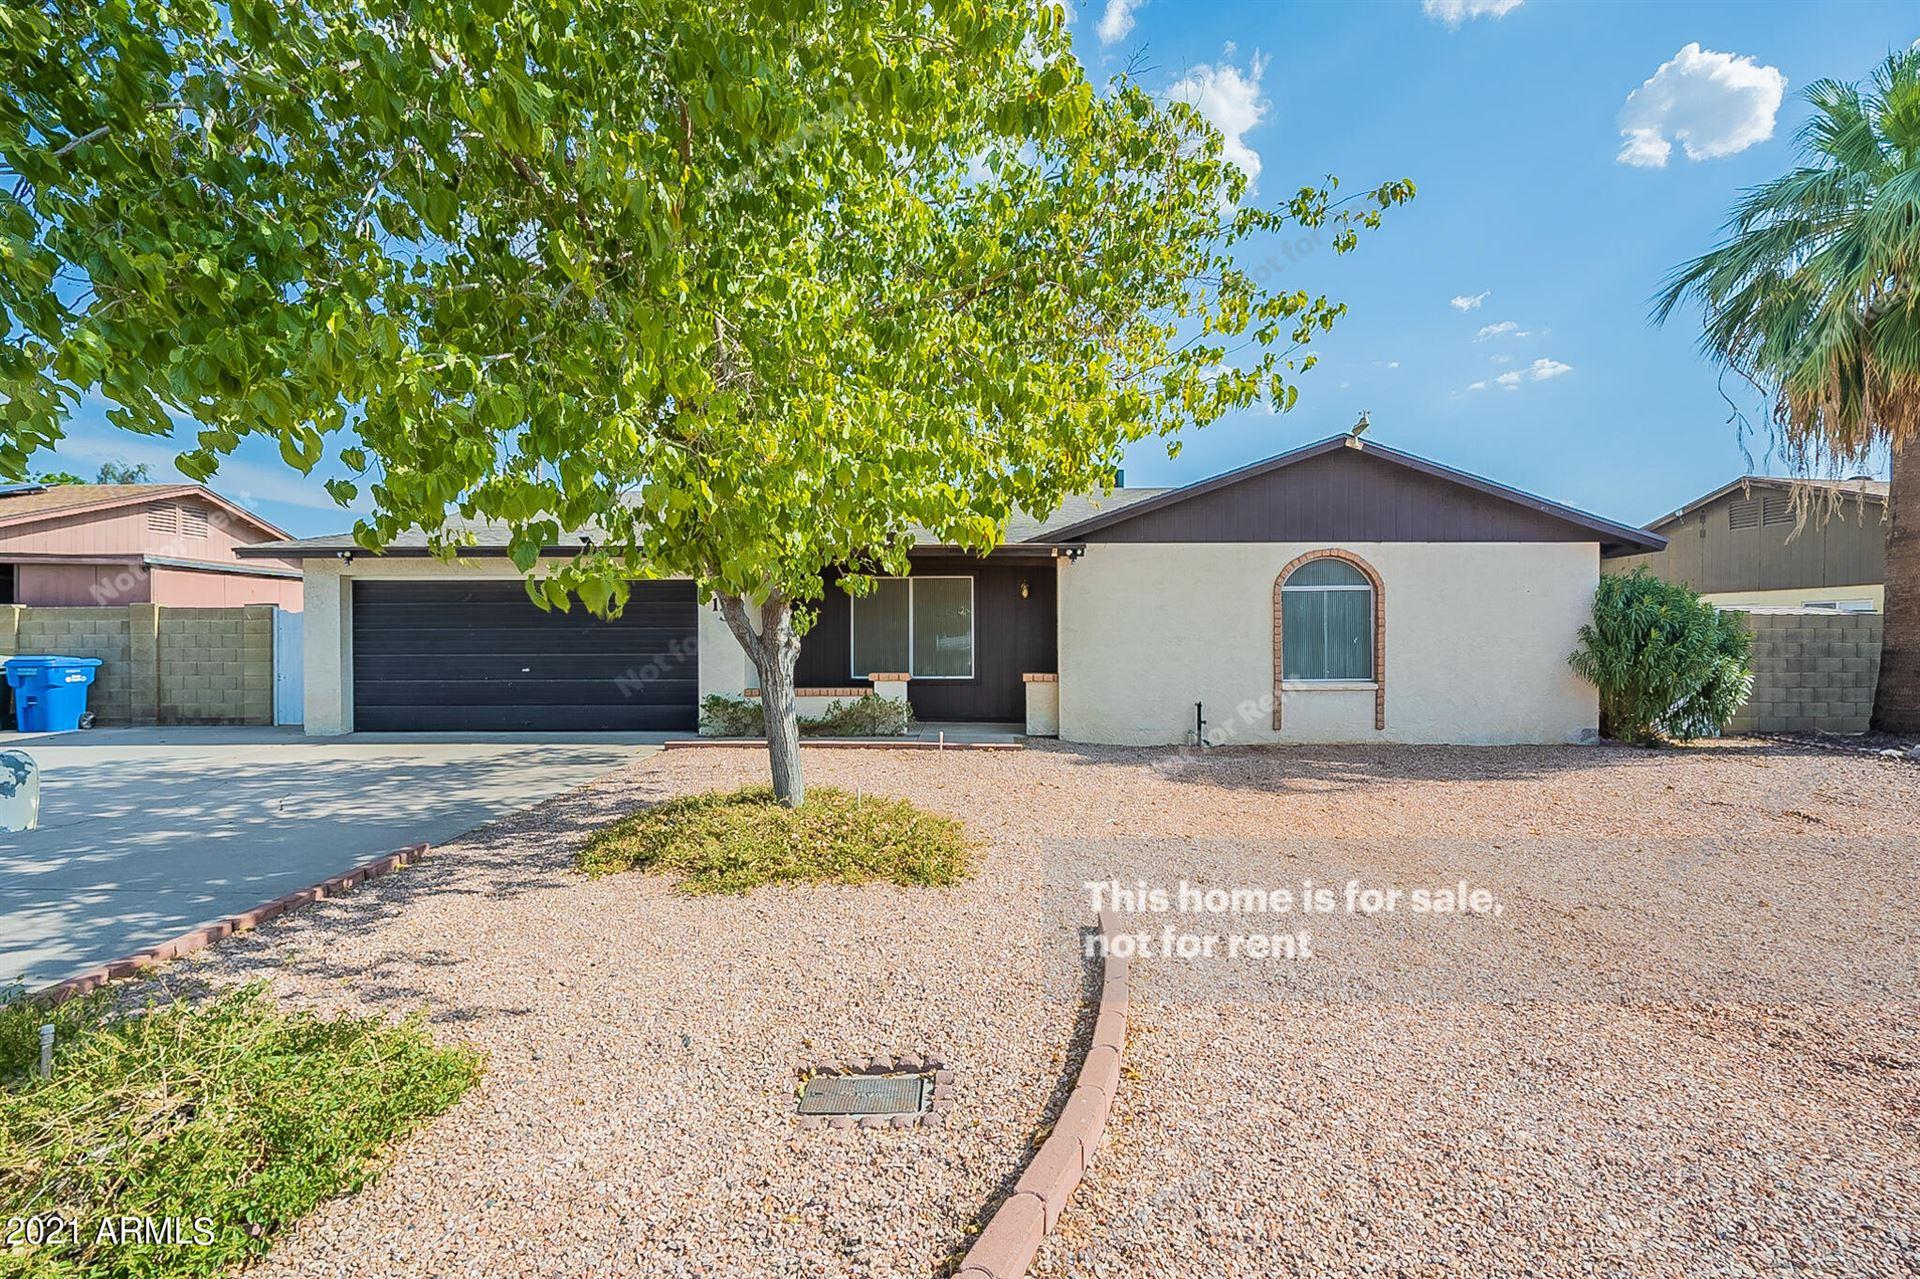 4139 W SIERRA Street, Phoenix, AZ 85029 - MLS#: 6258575